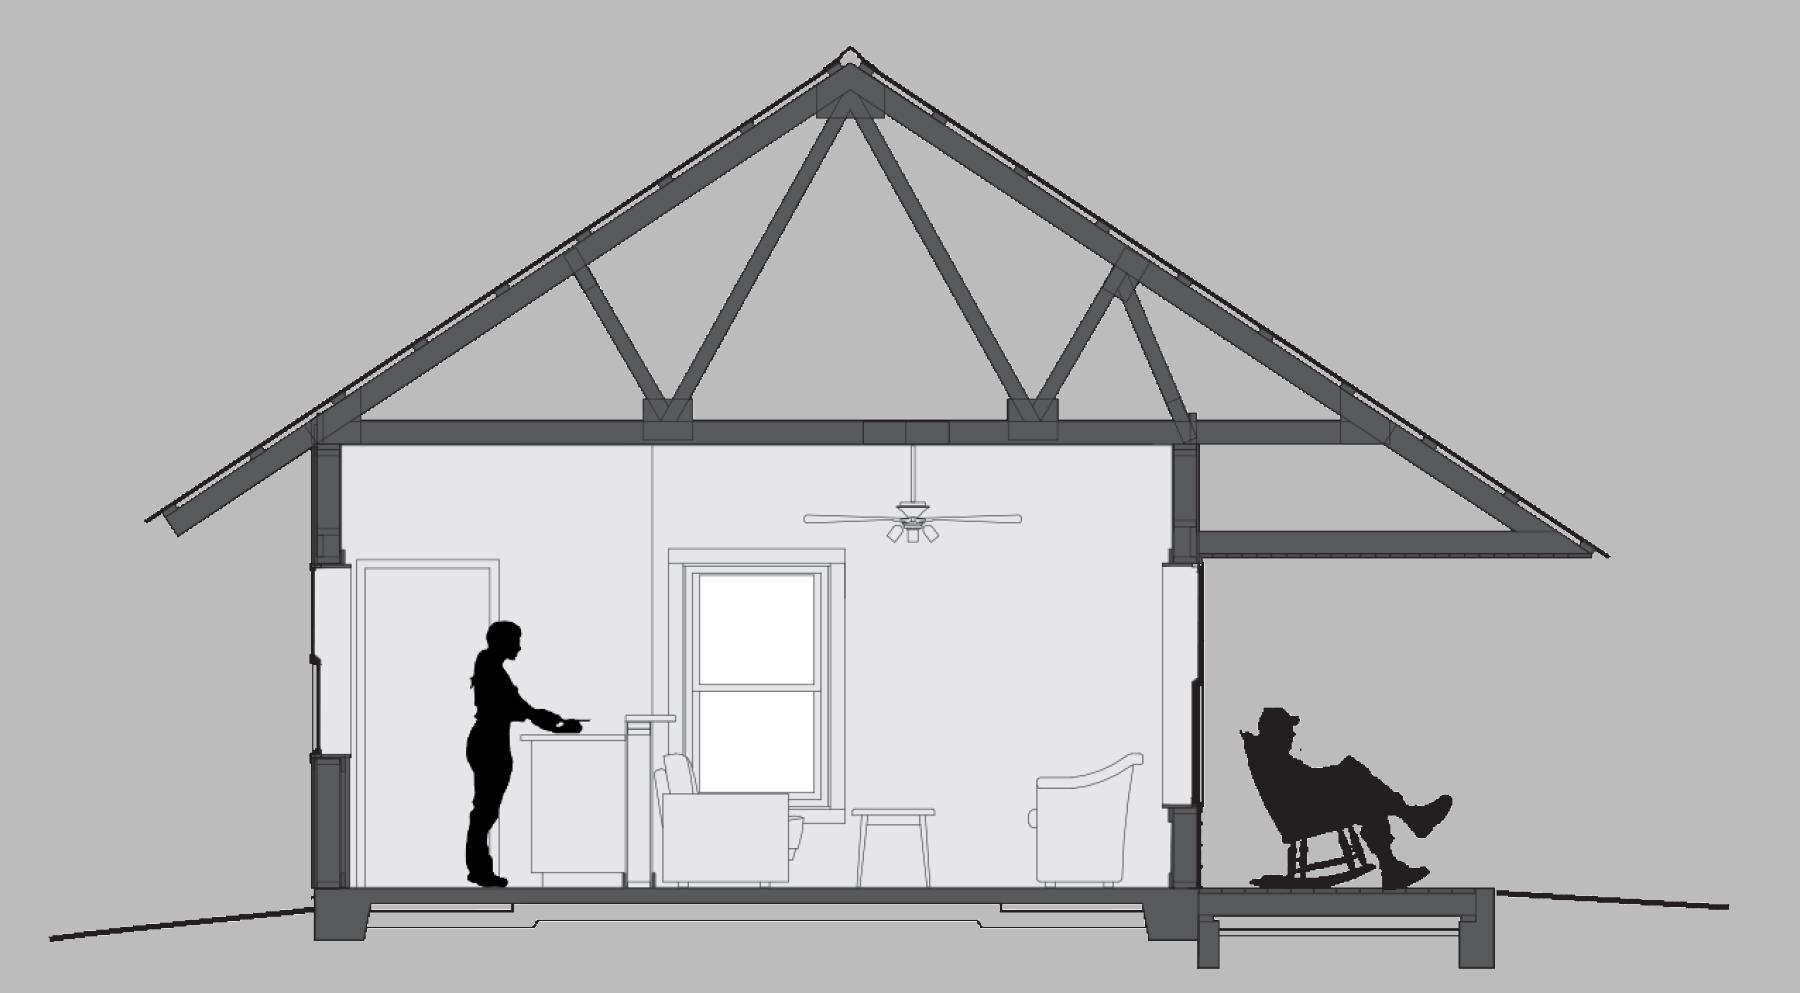 rendering of Eddie's home cross section